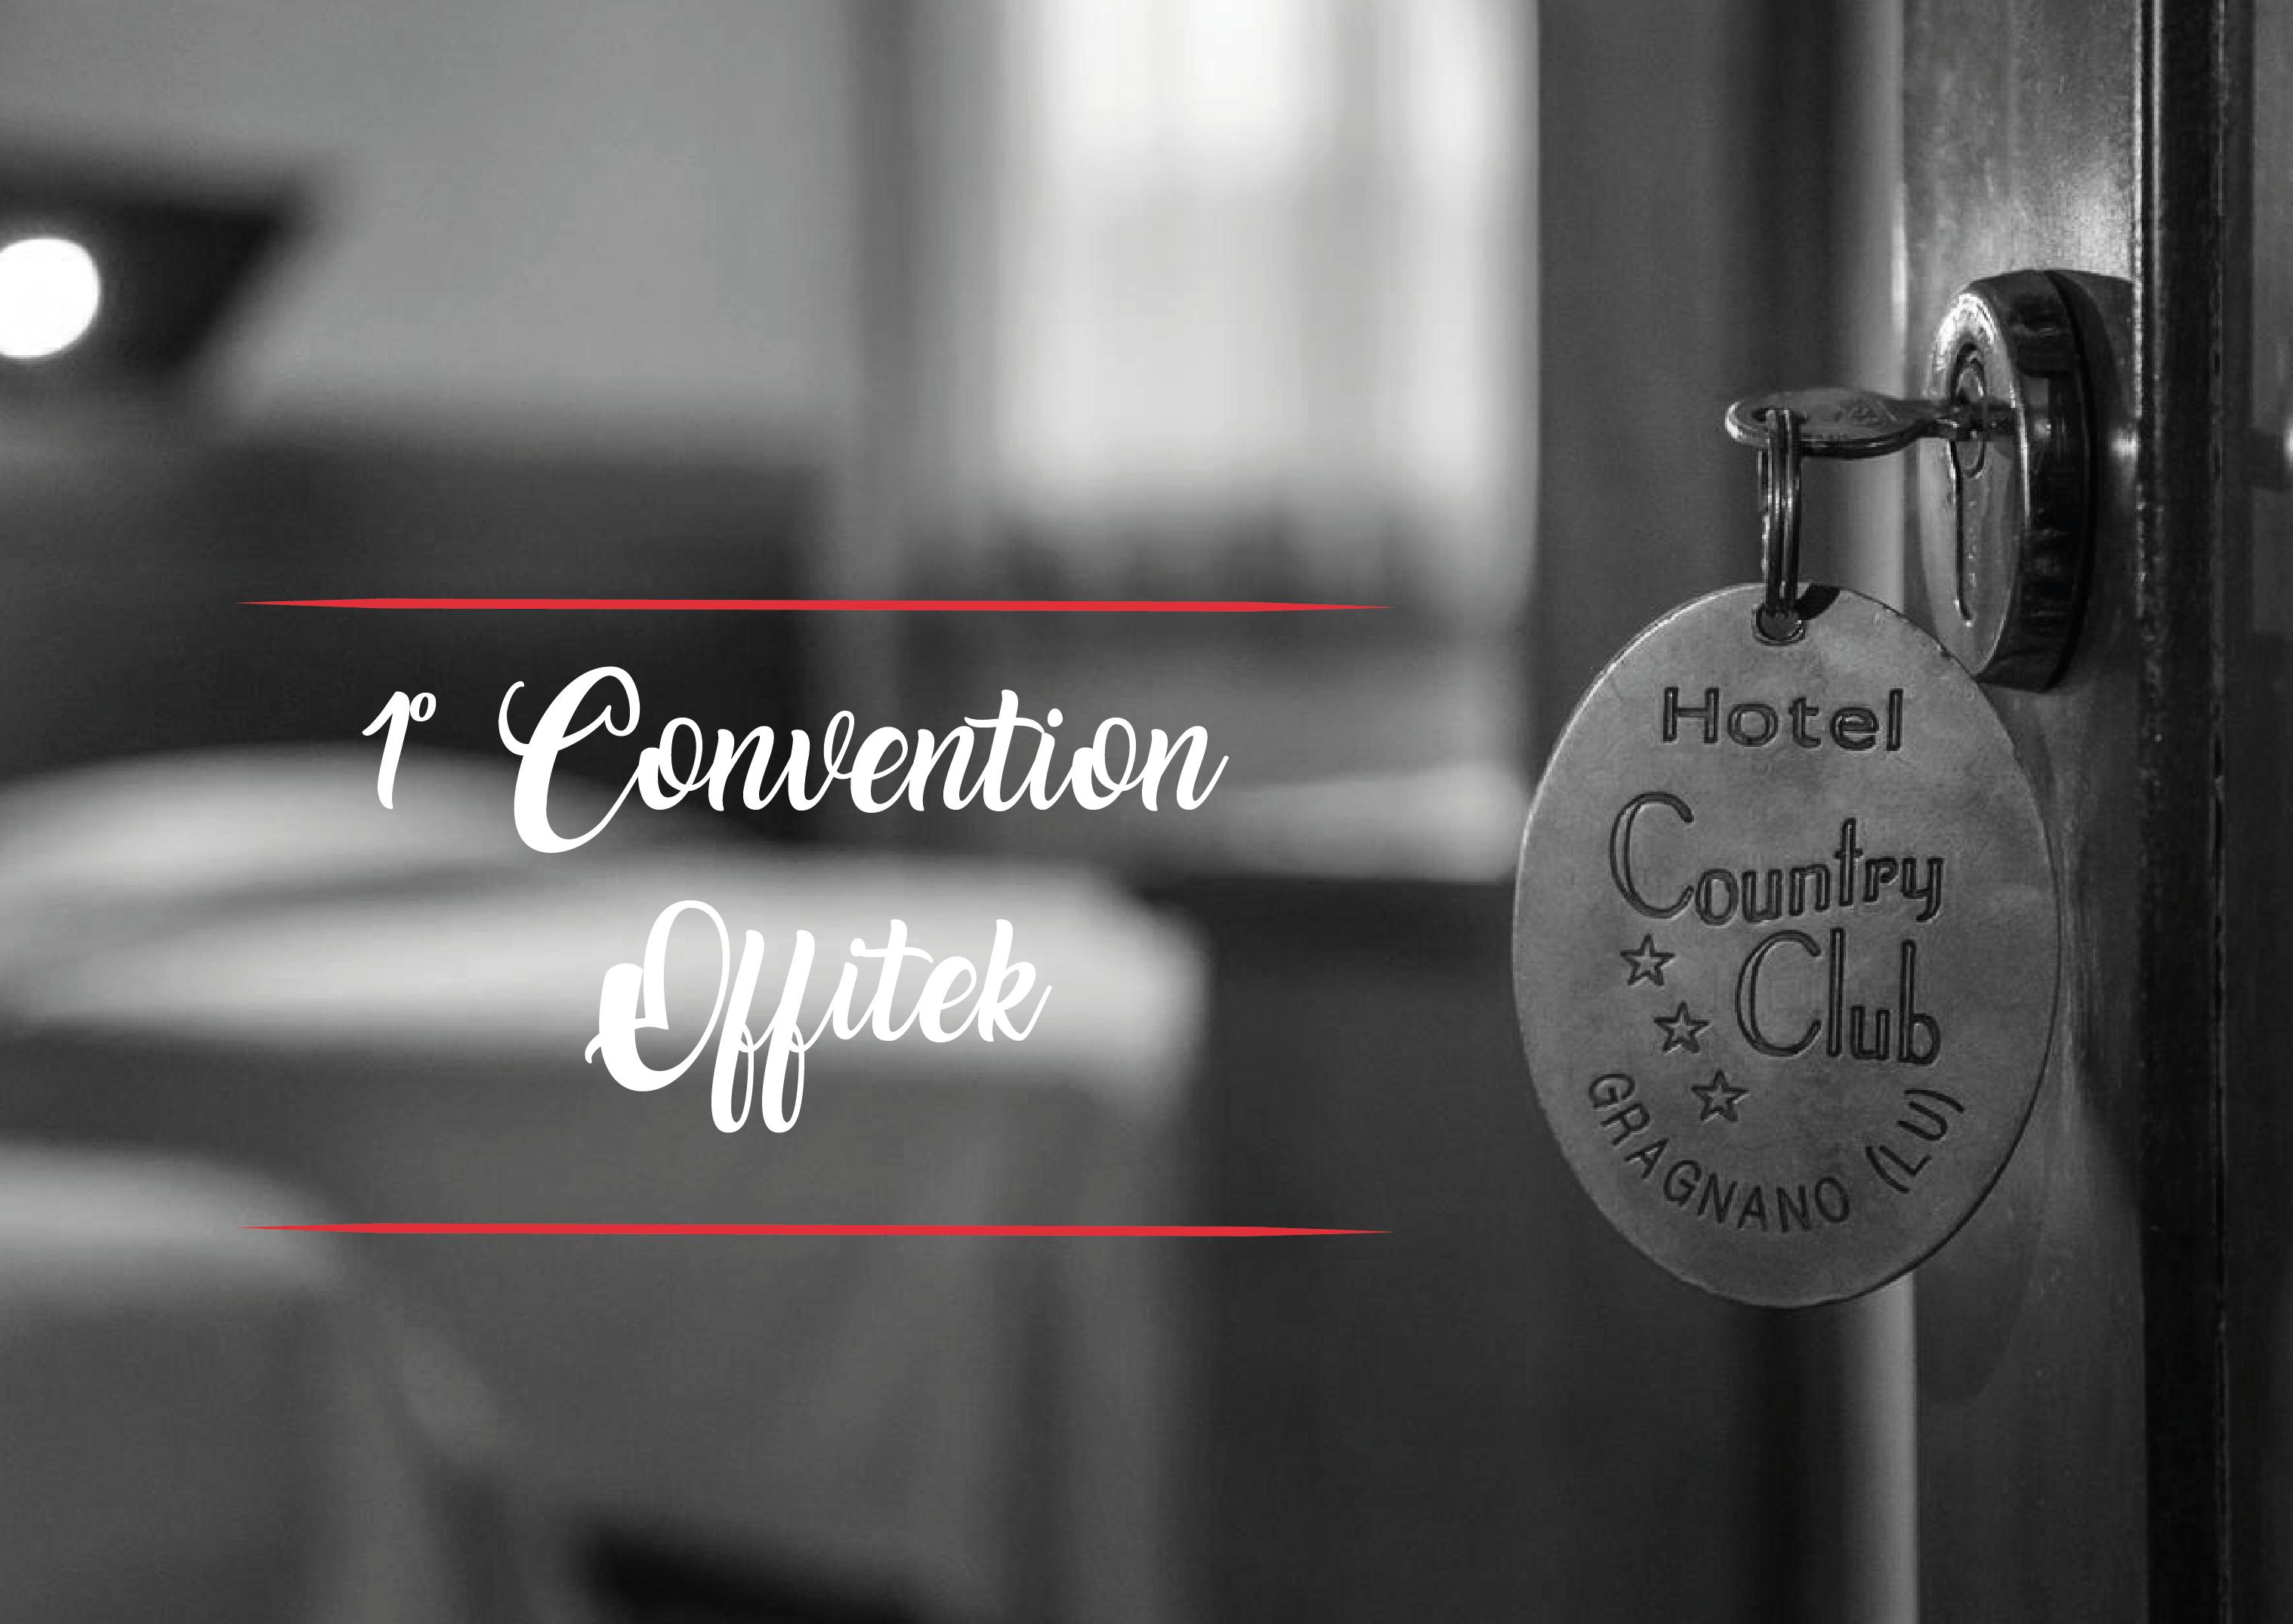 1 convention offitek